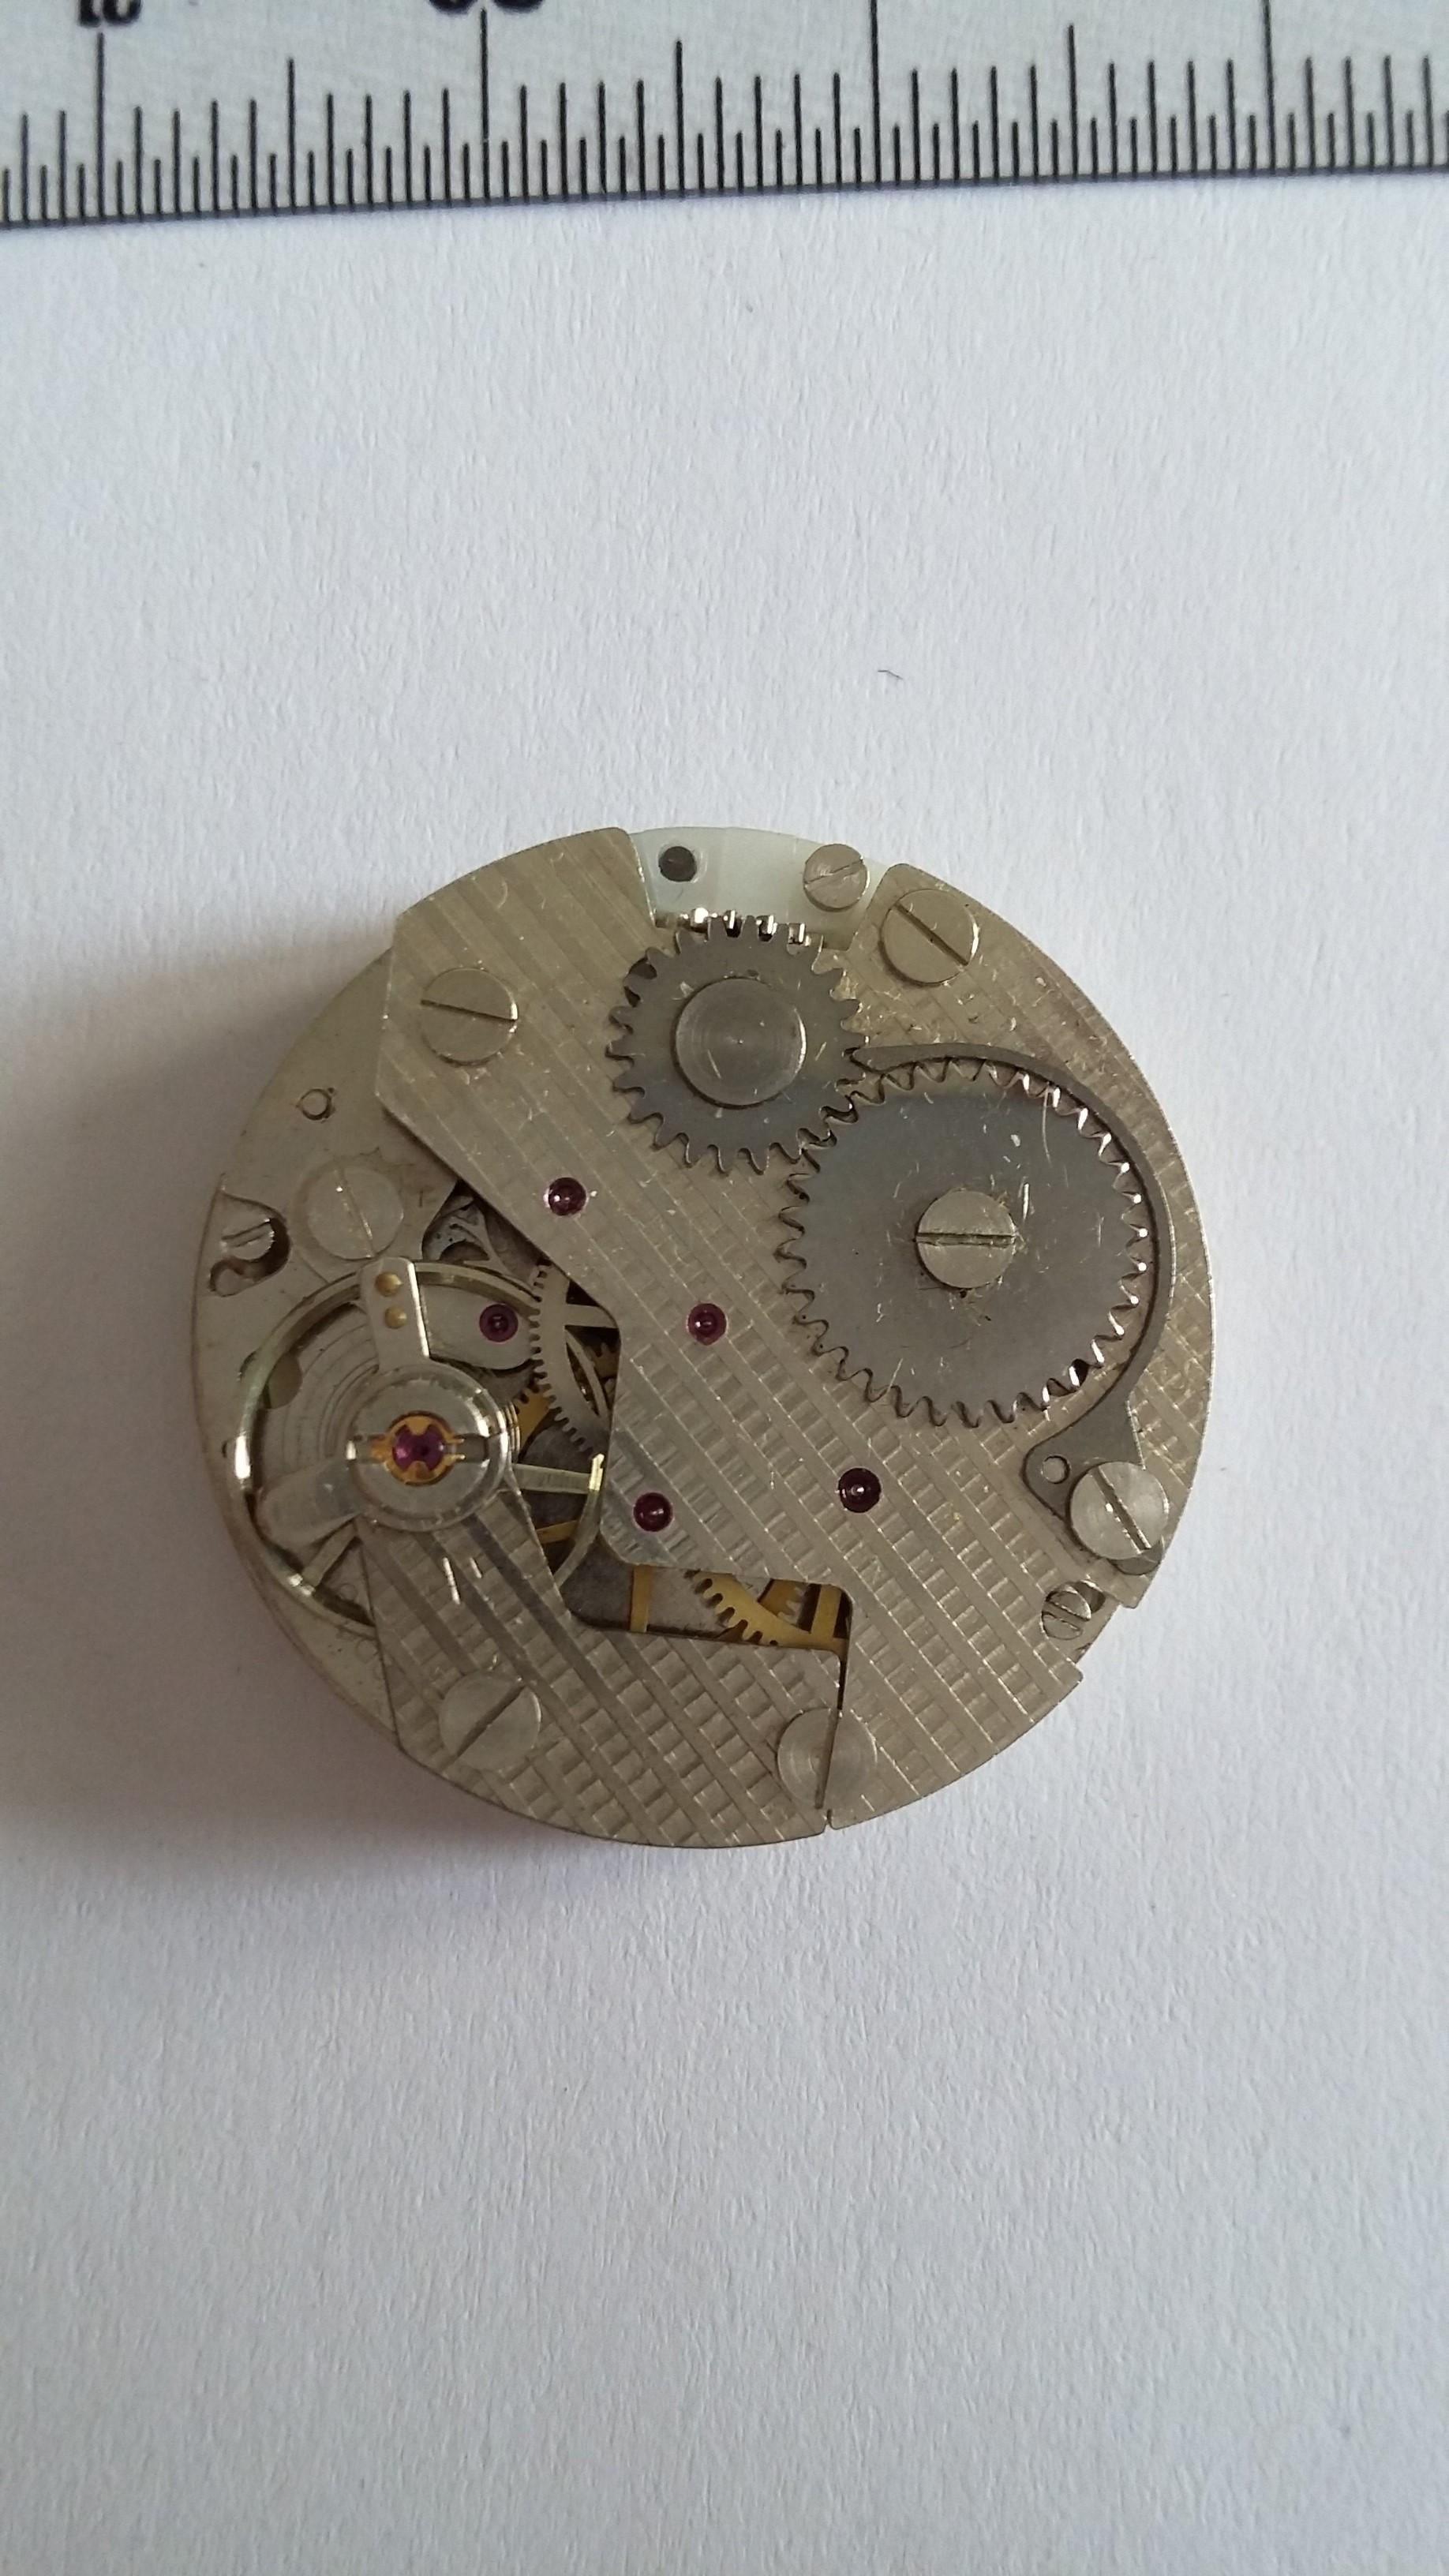 Breitling - Pour faire identifier son mouvement : C'est ici  ! - Page 44 150916115732931260